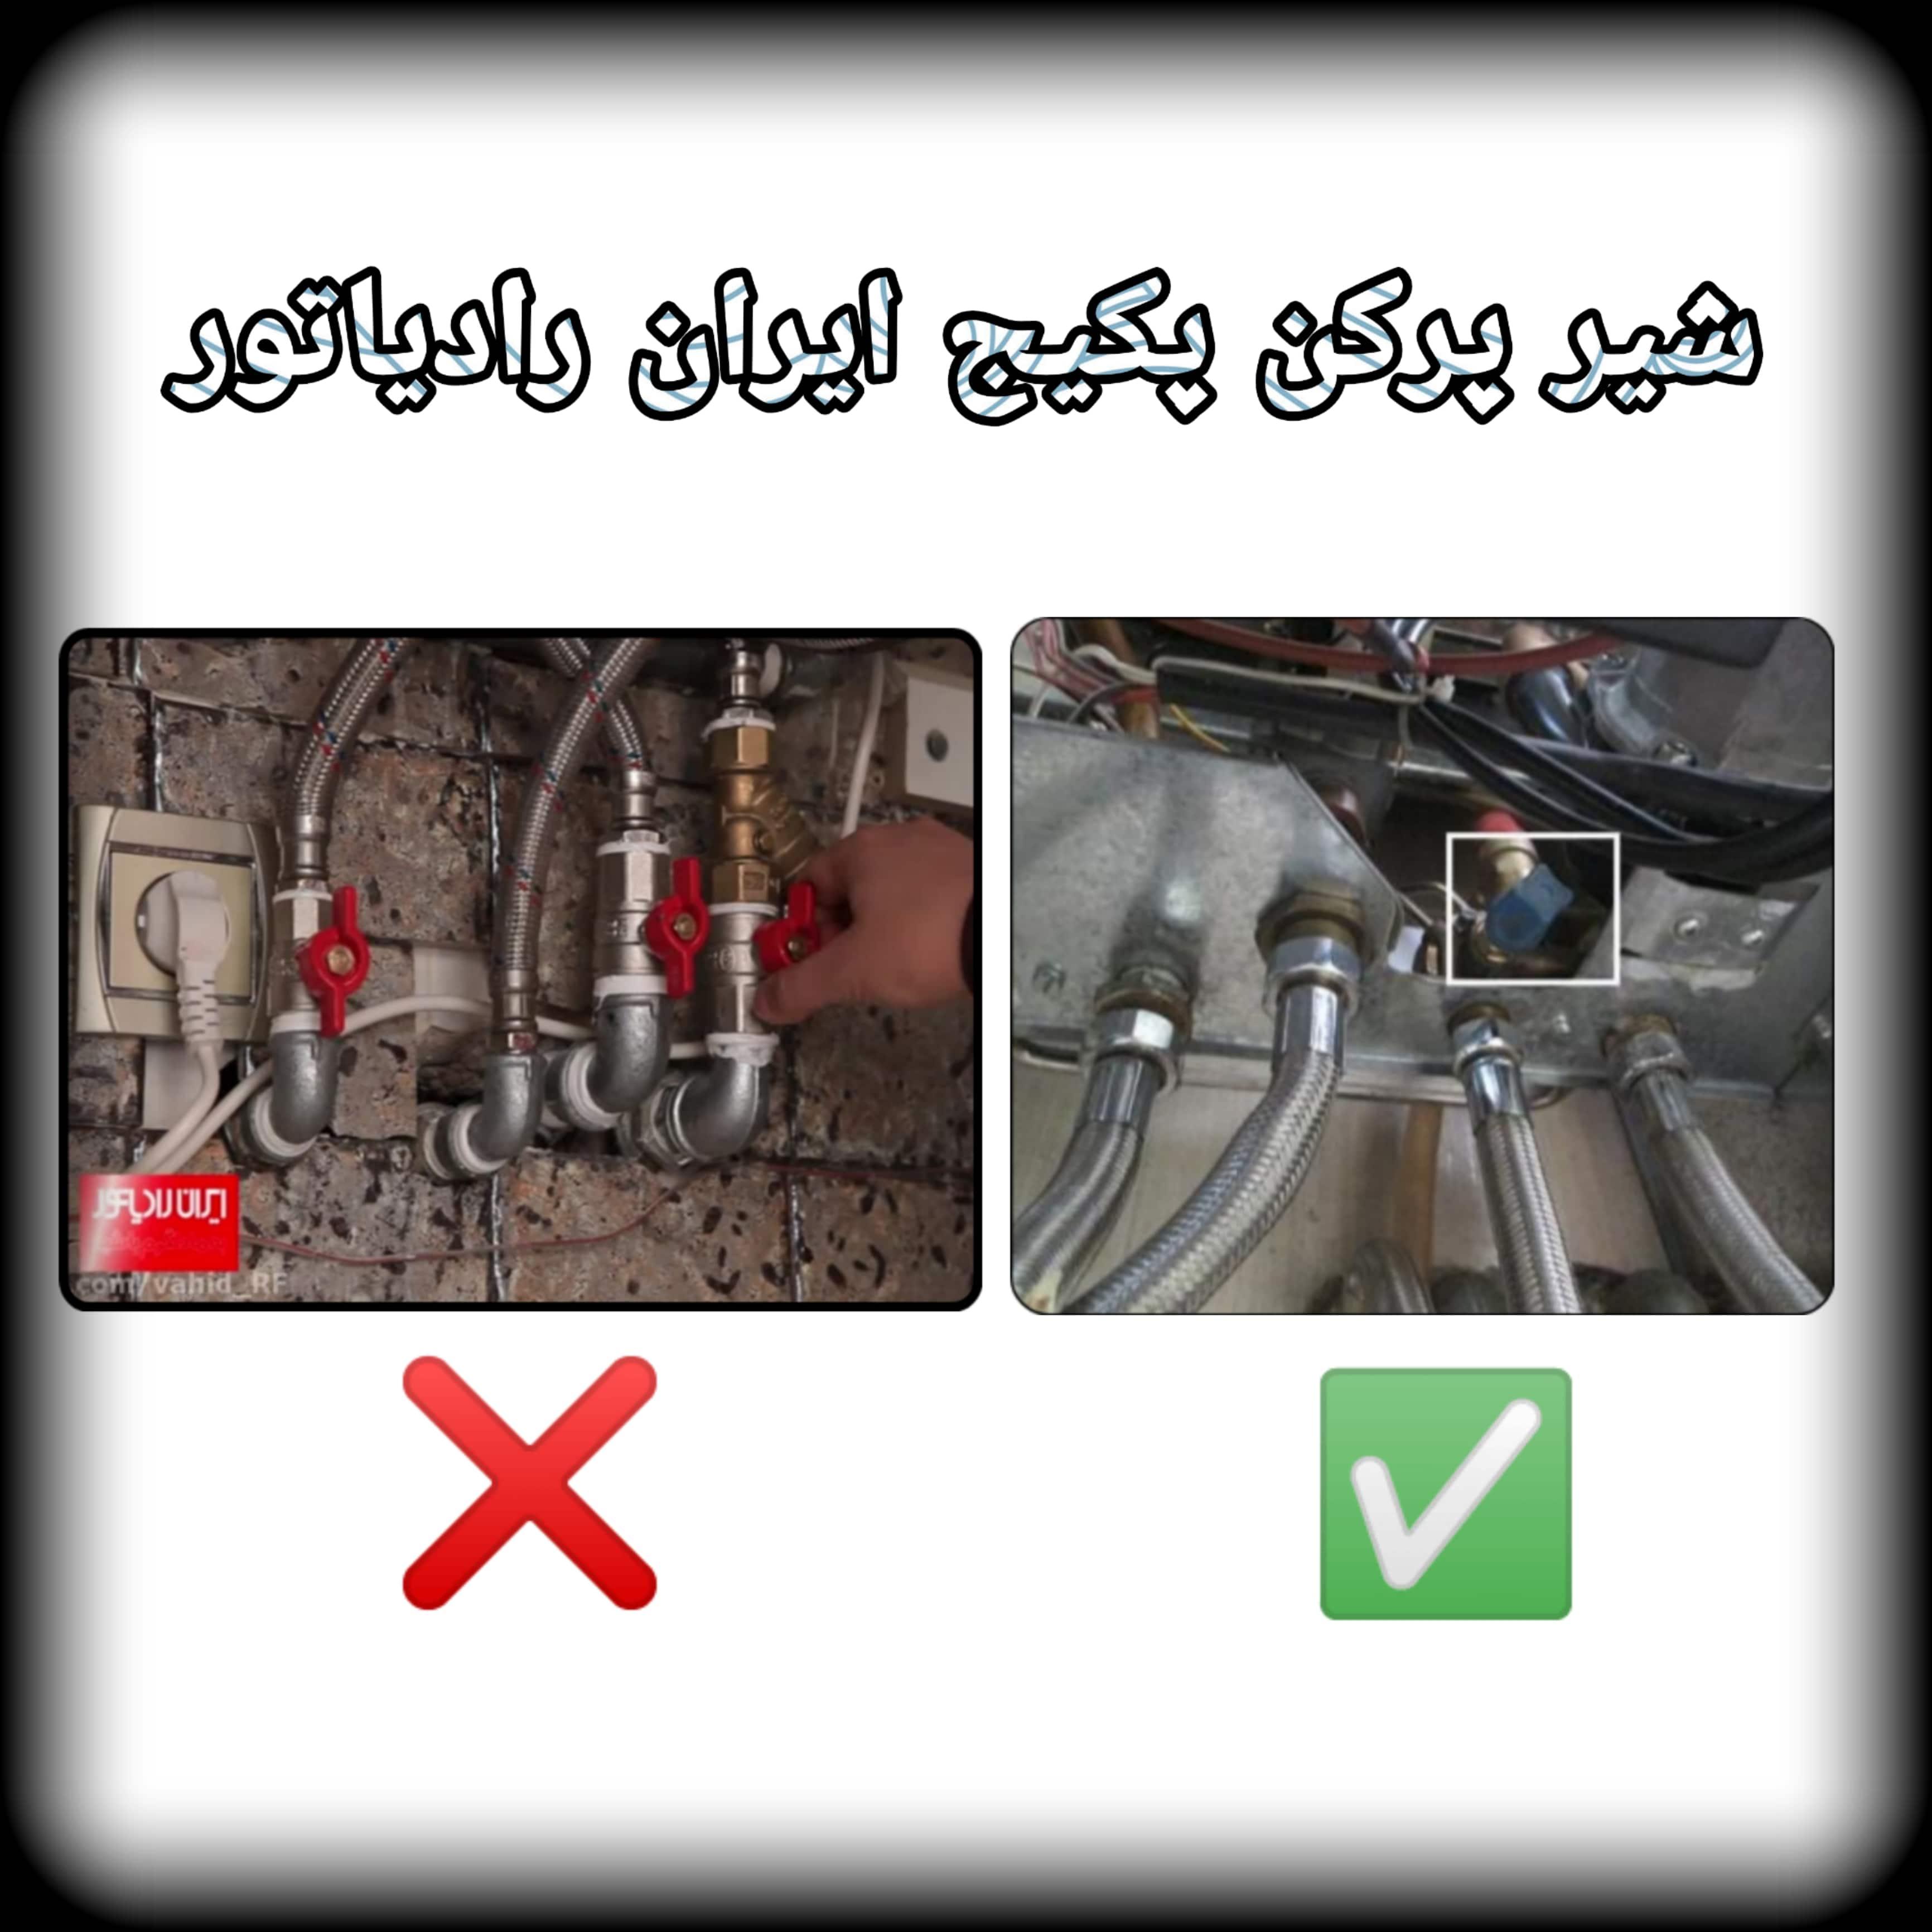 شیر پرکن پکیج ایران رادیاتور کجا قرار دارد؟